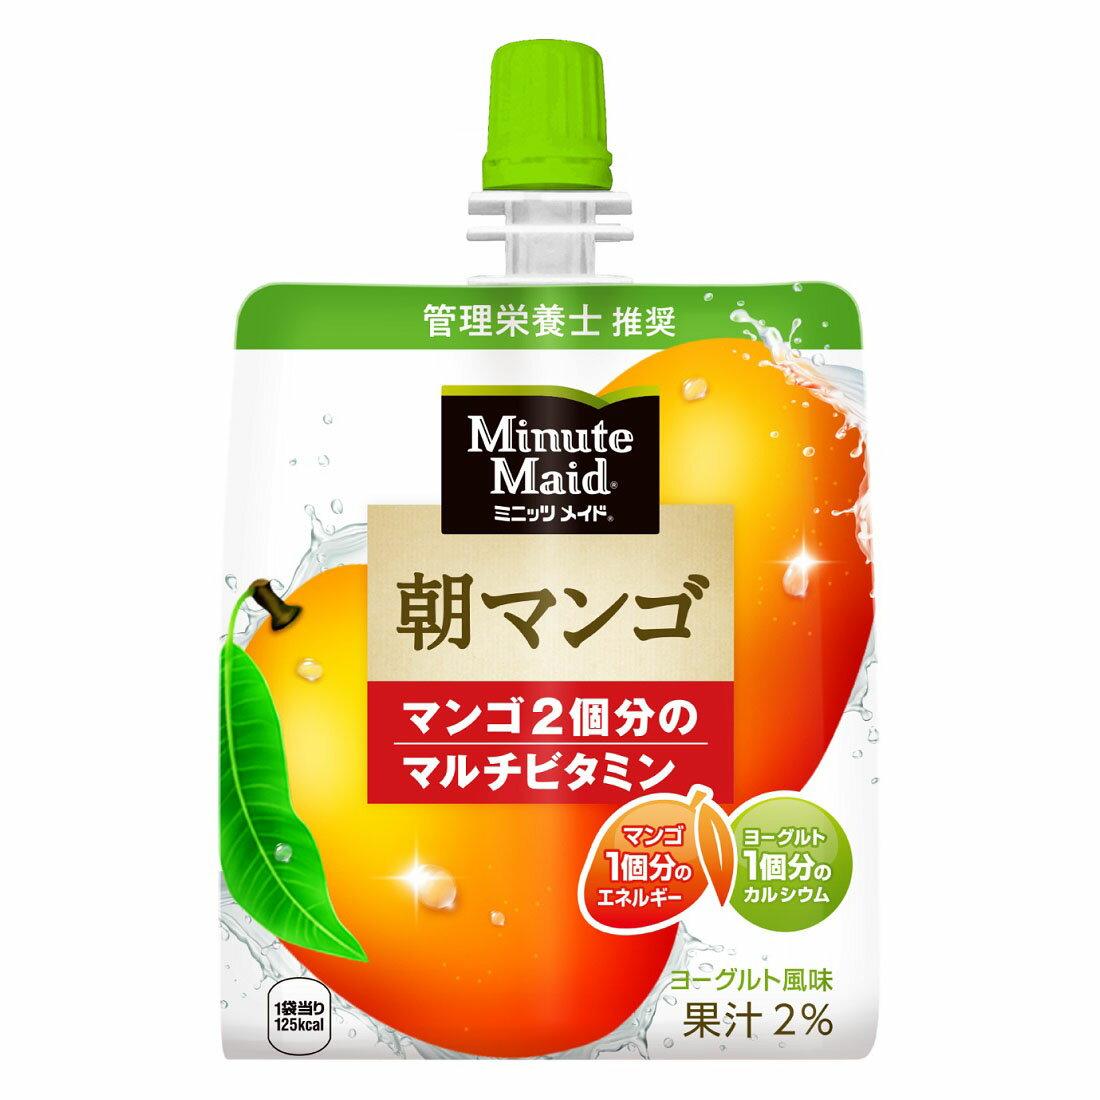 大豆マンゴー風味の緑茶